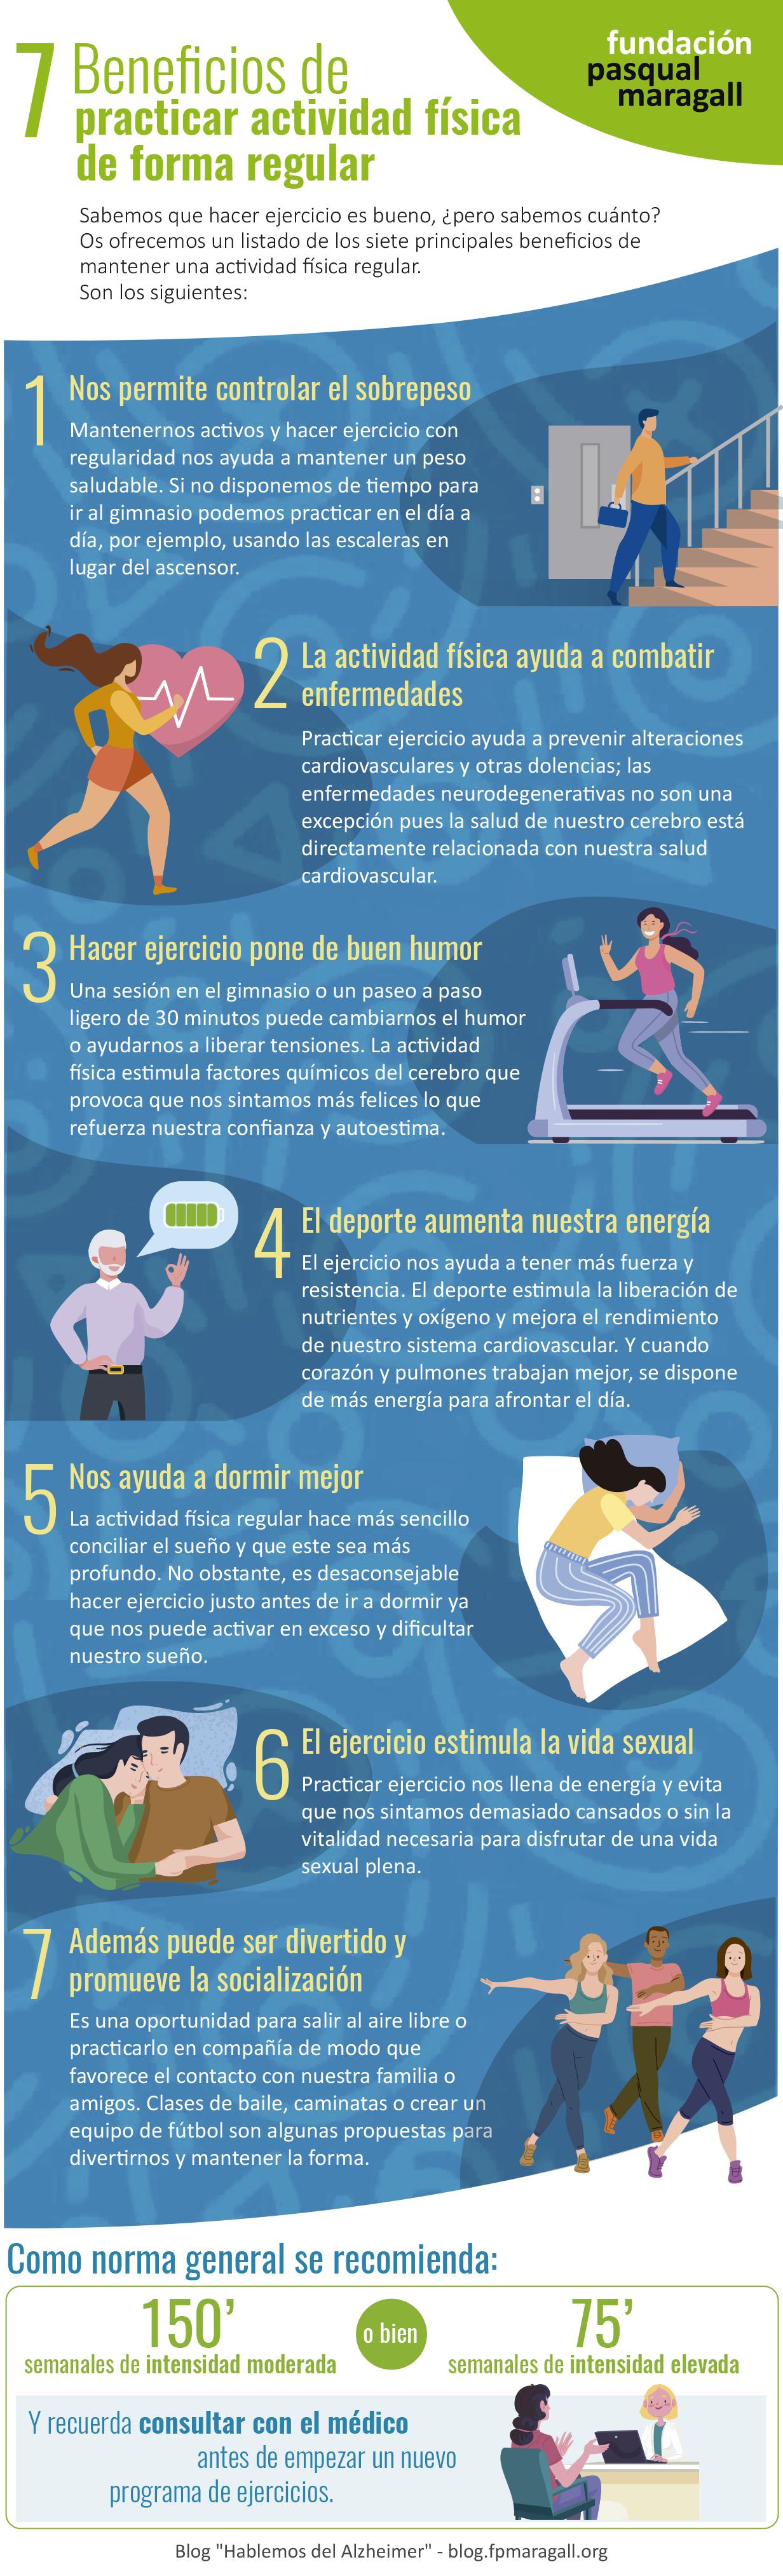 FPM-Infografia-Beneficios-de-la-actividad-fisica